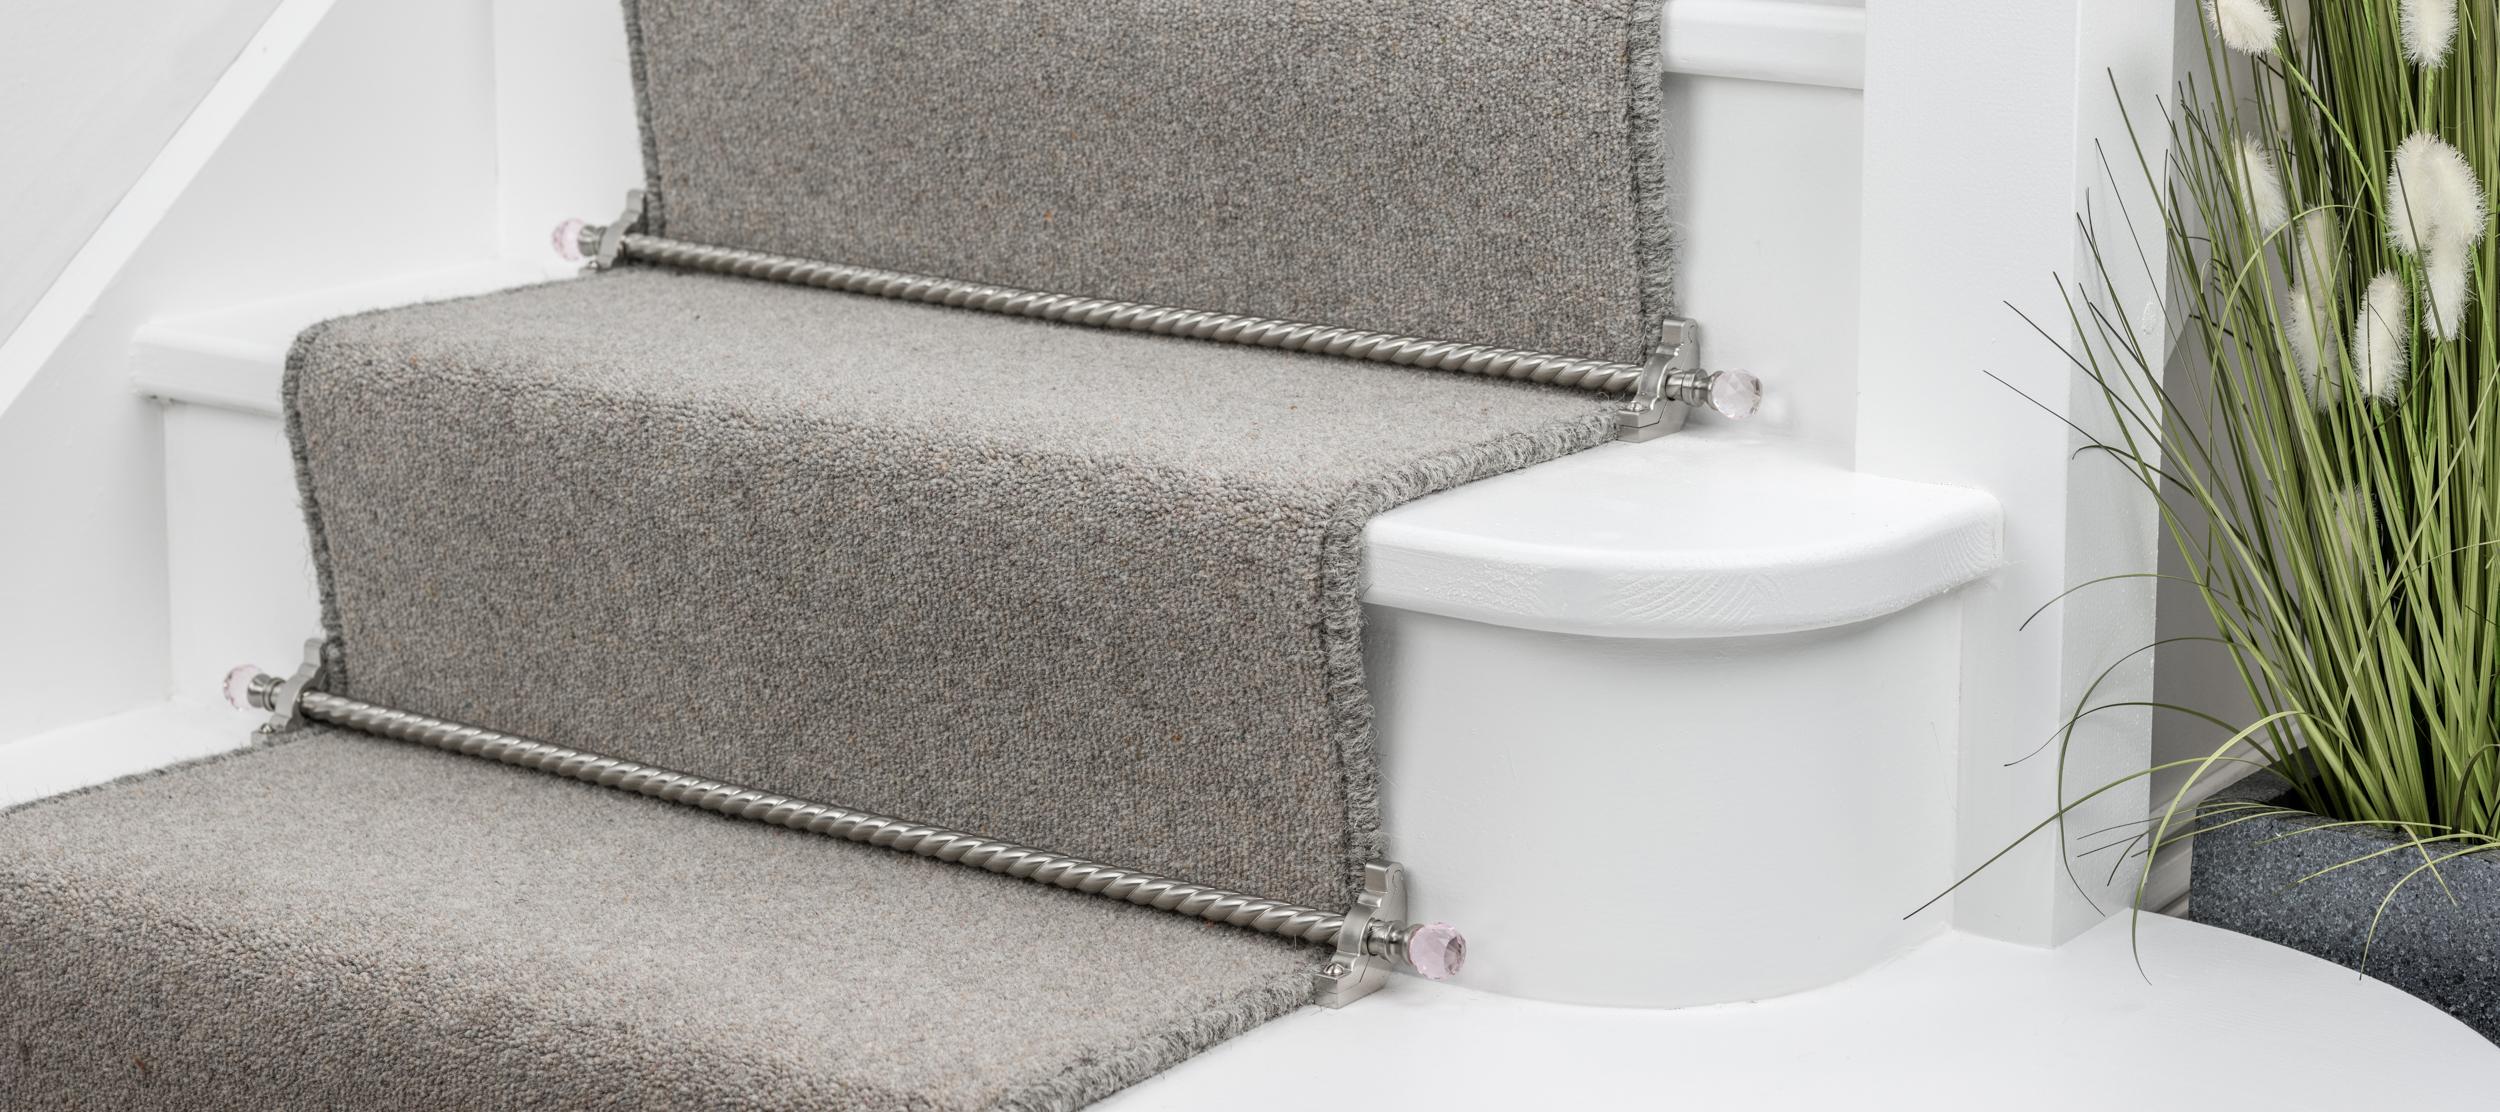 stairrods-satin-nickel-rope-twist-rose.jpg